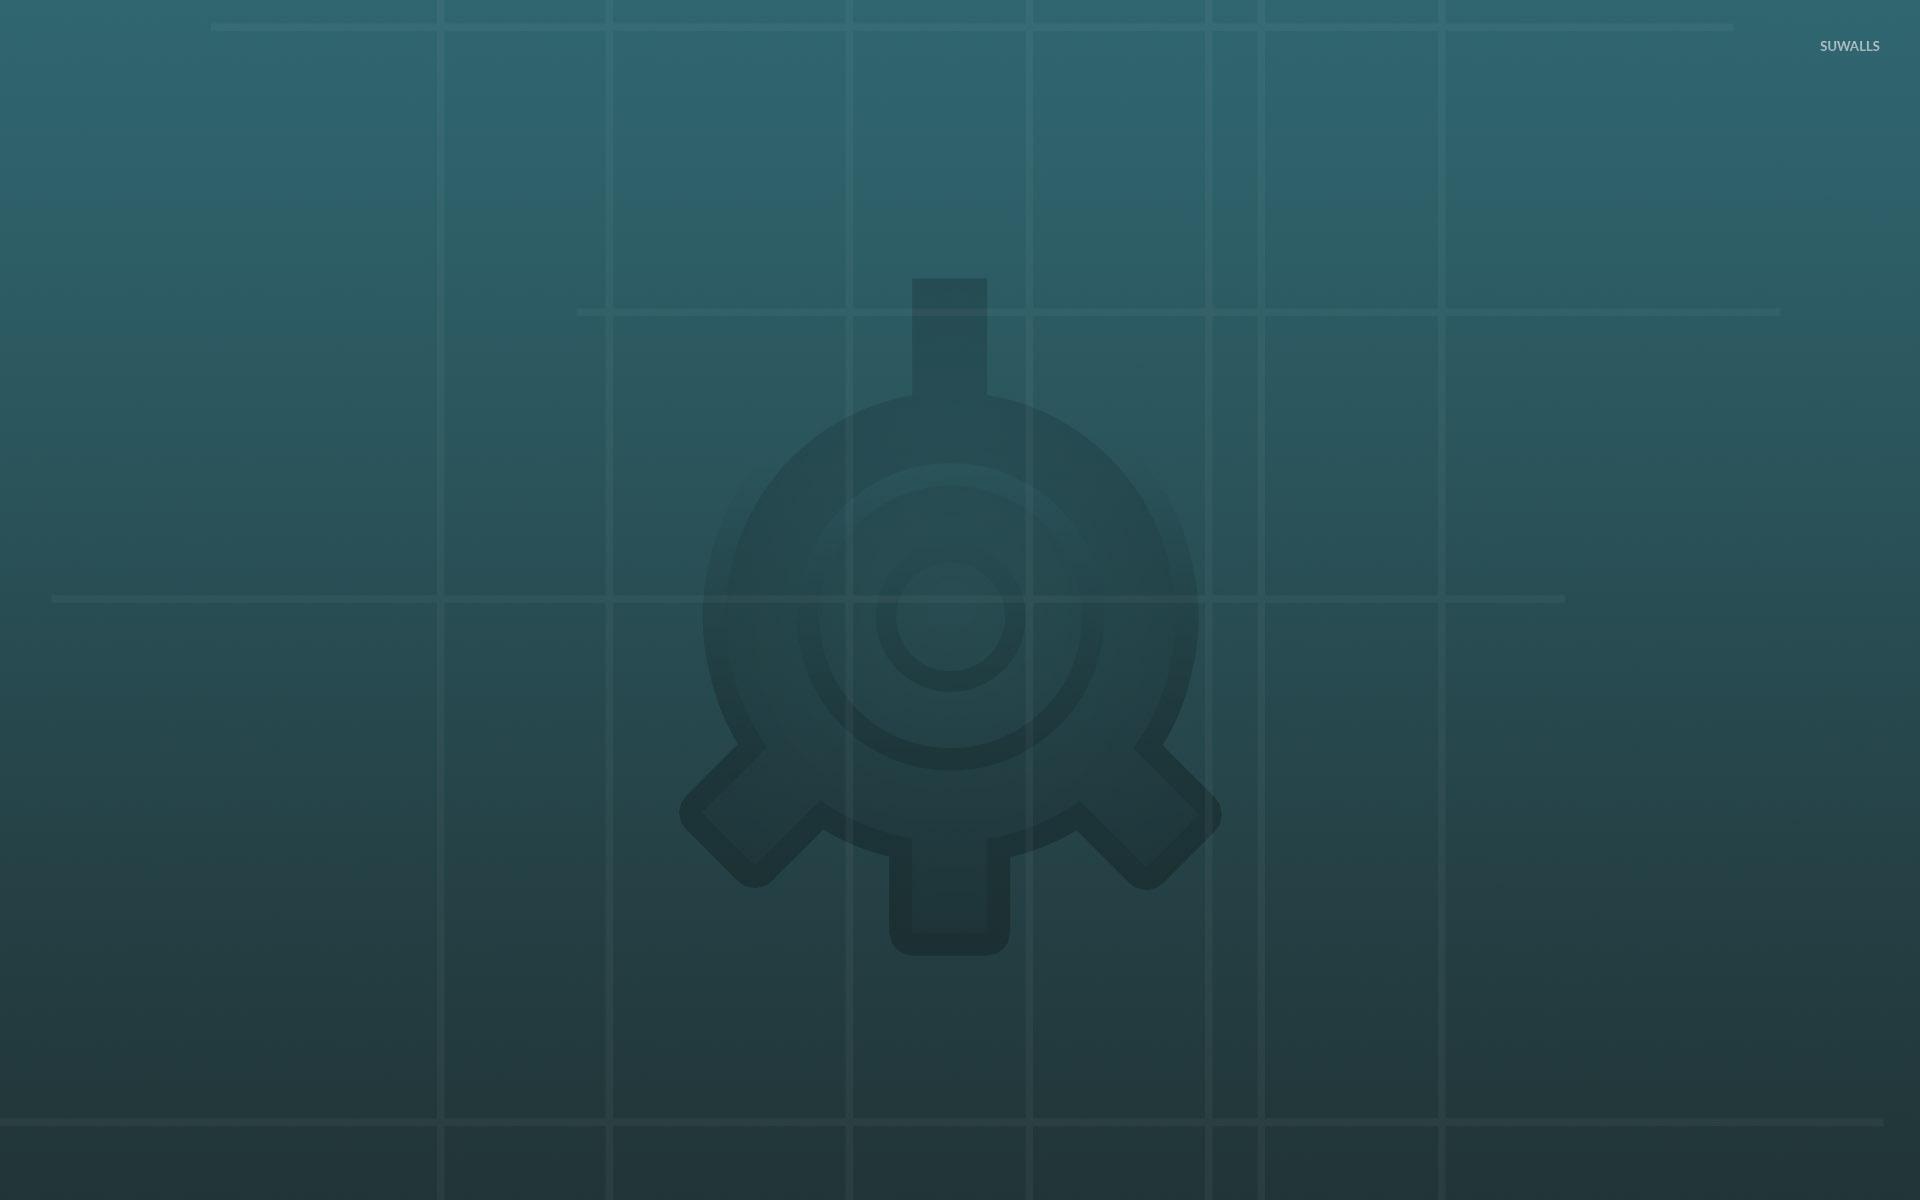 Code Lyoko Logo Wallpaper Minimalistic Wallpapers 29701